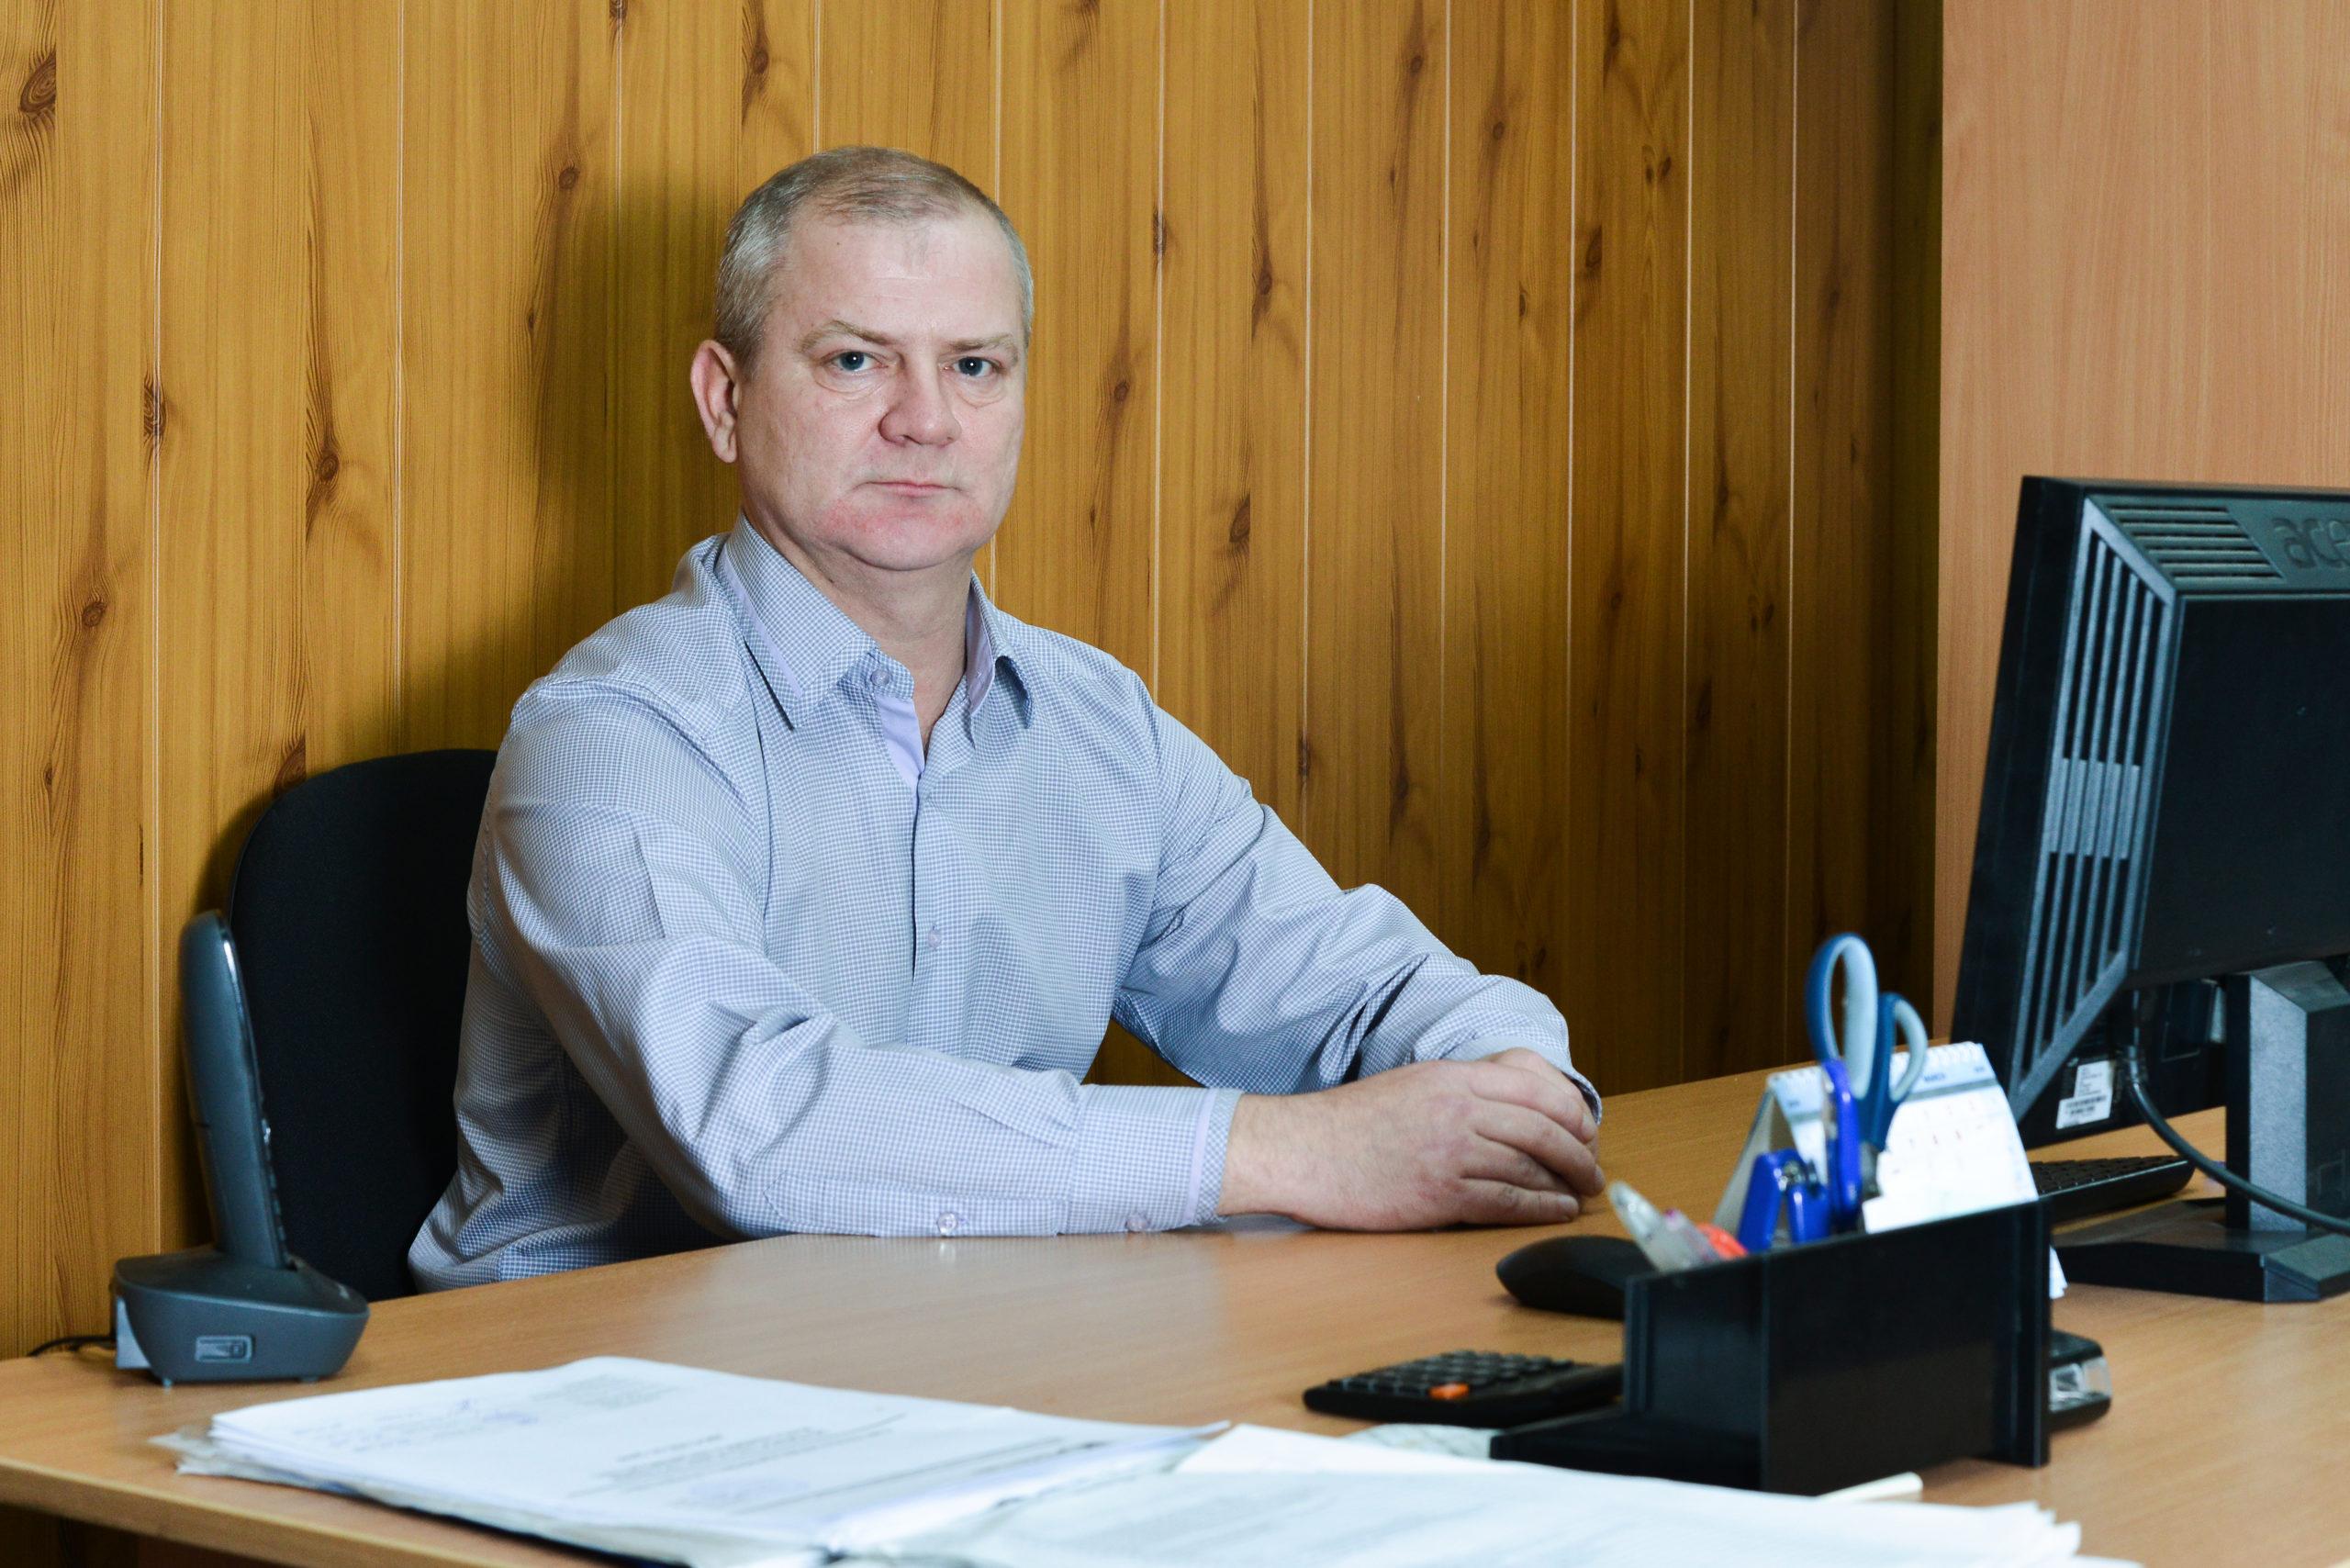 Тагильцев Сергей Валентинович (Начальник производства )